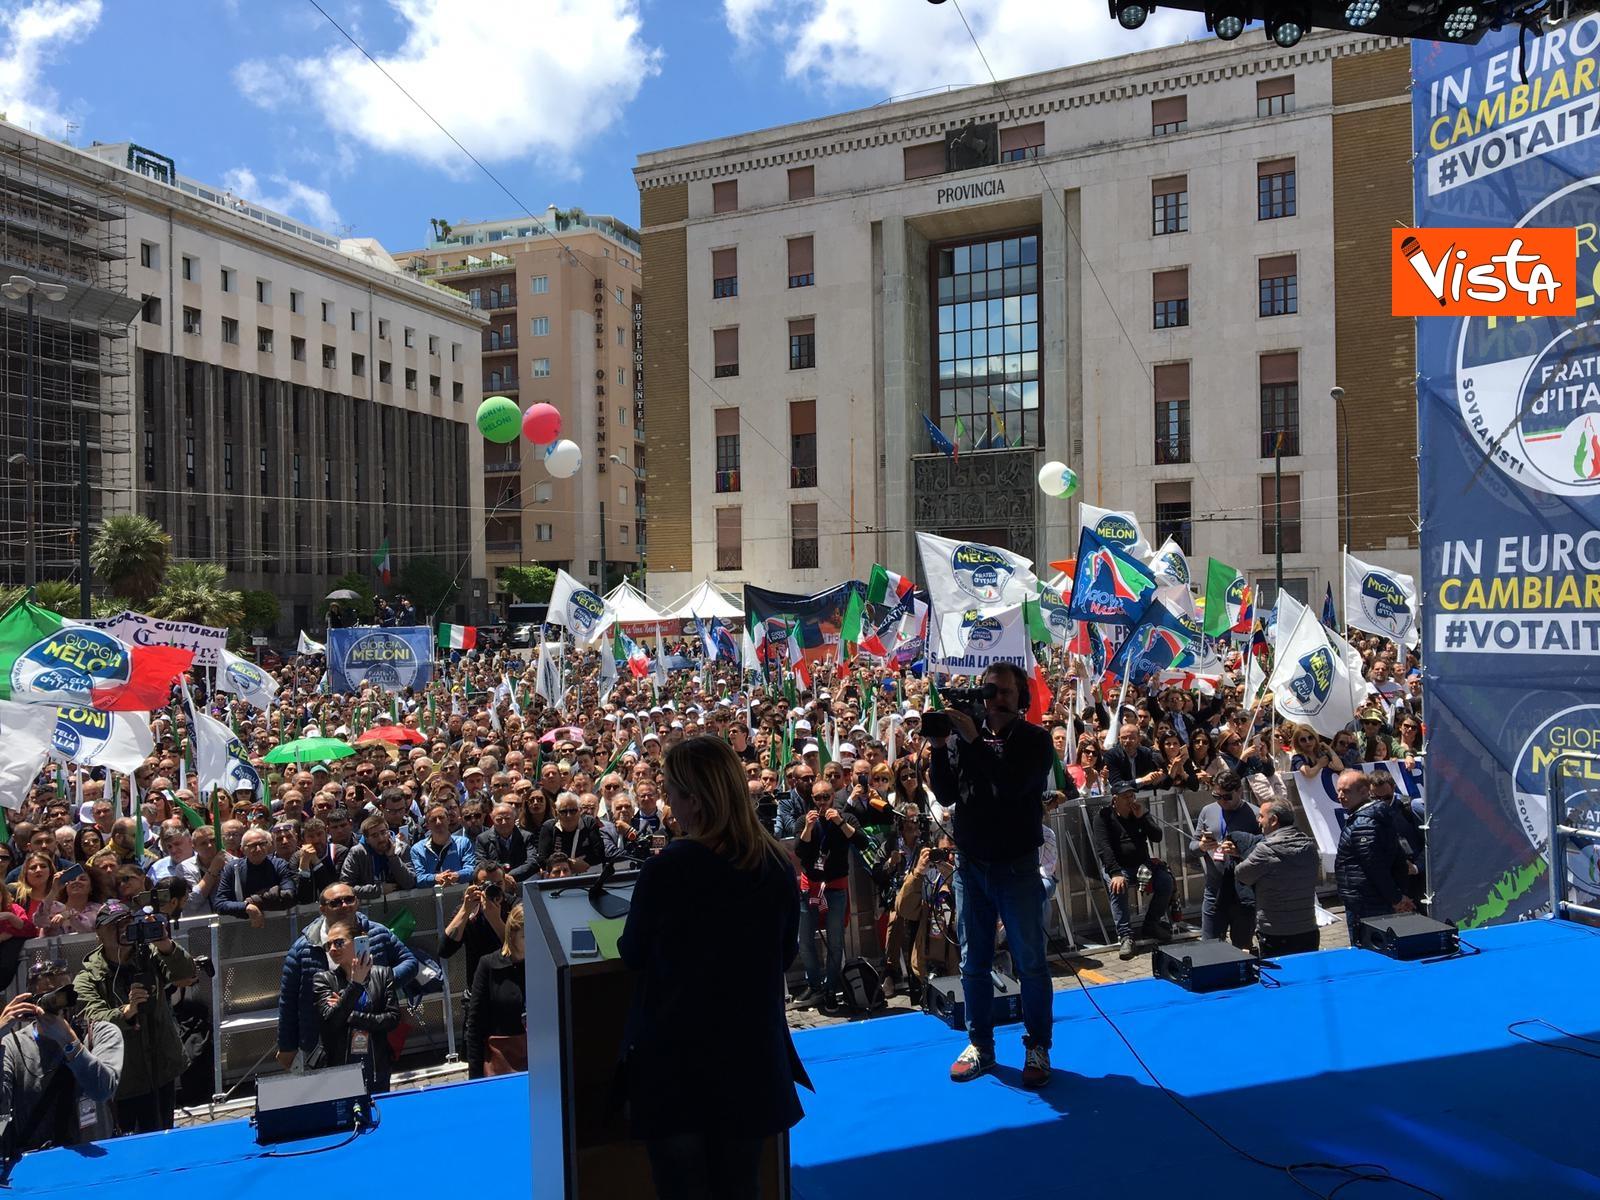 19-05-19 Europee Meloni a Napoli piazza gremita di gente per il comizio della leader di FdI_10